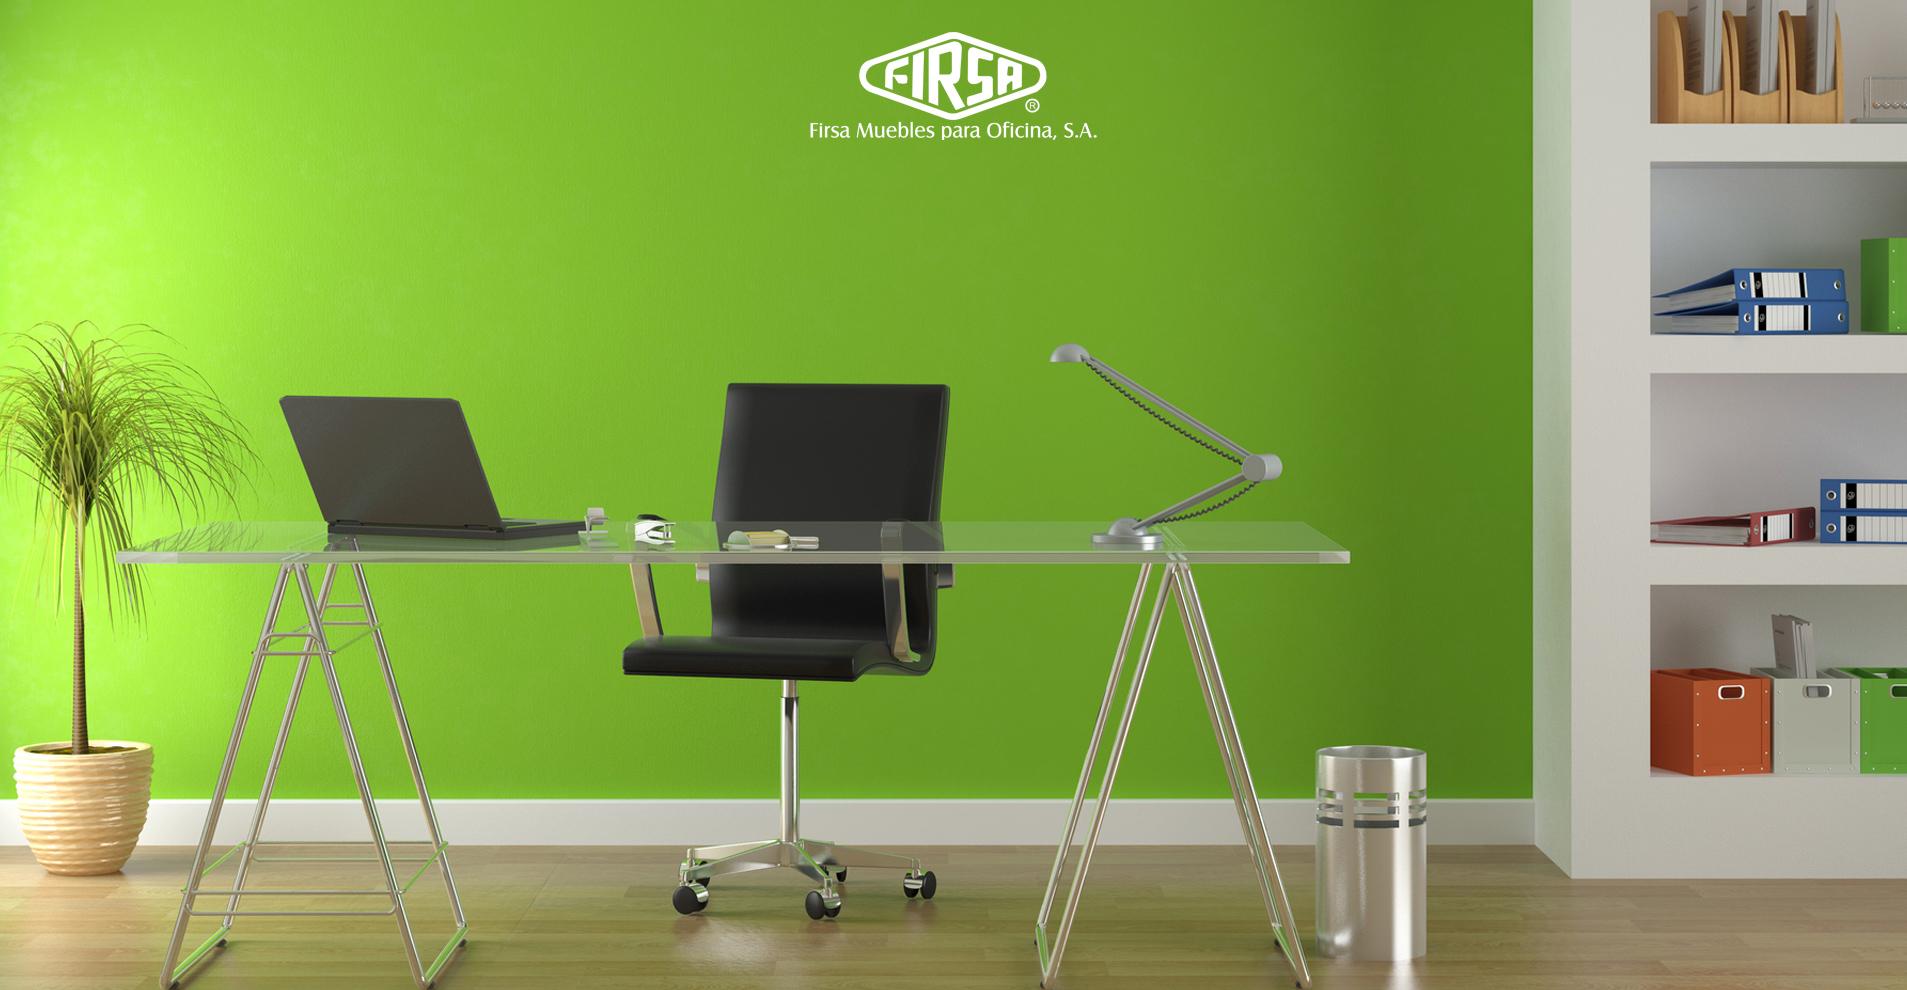 Firsa muebles para oficina